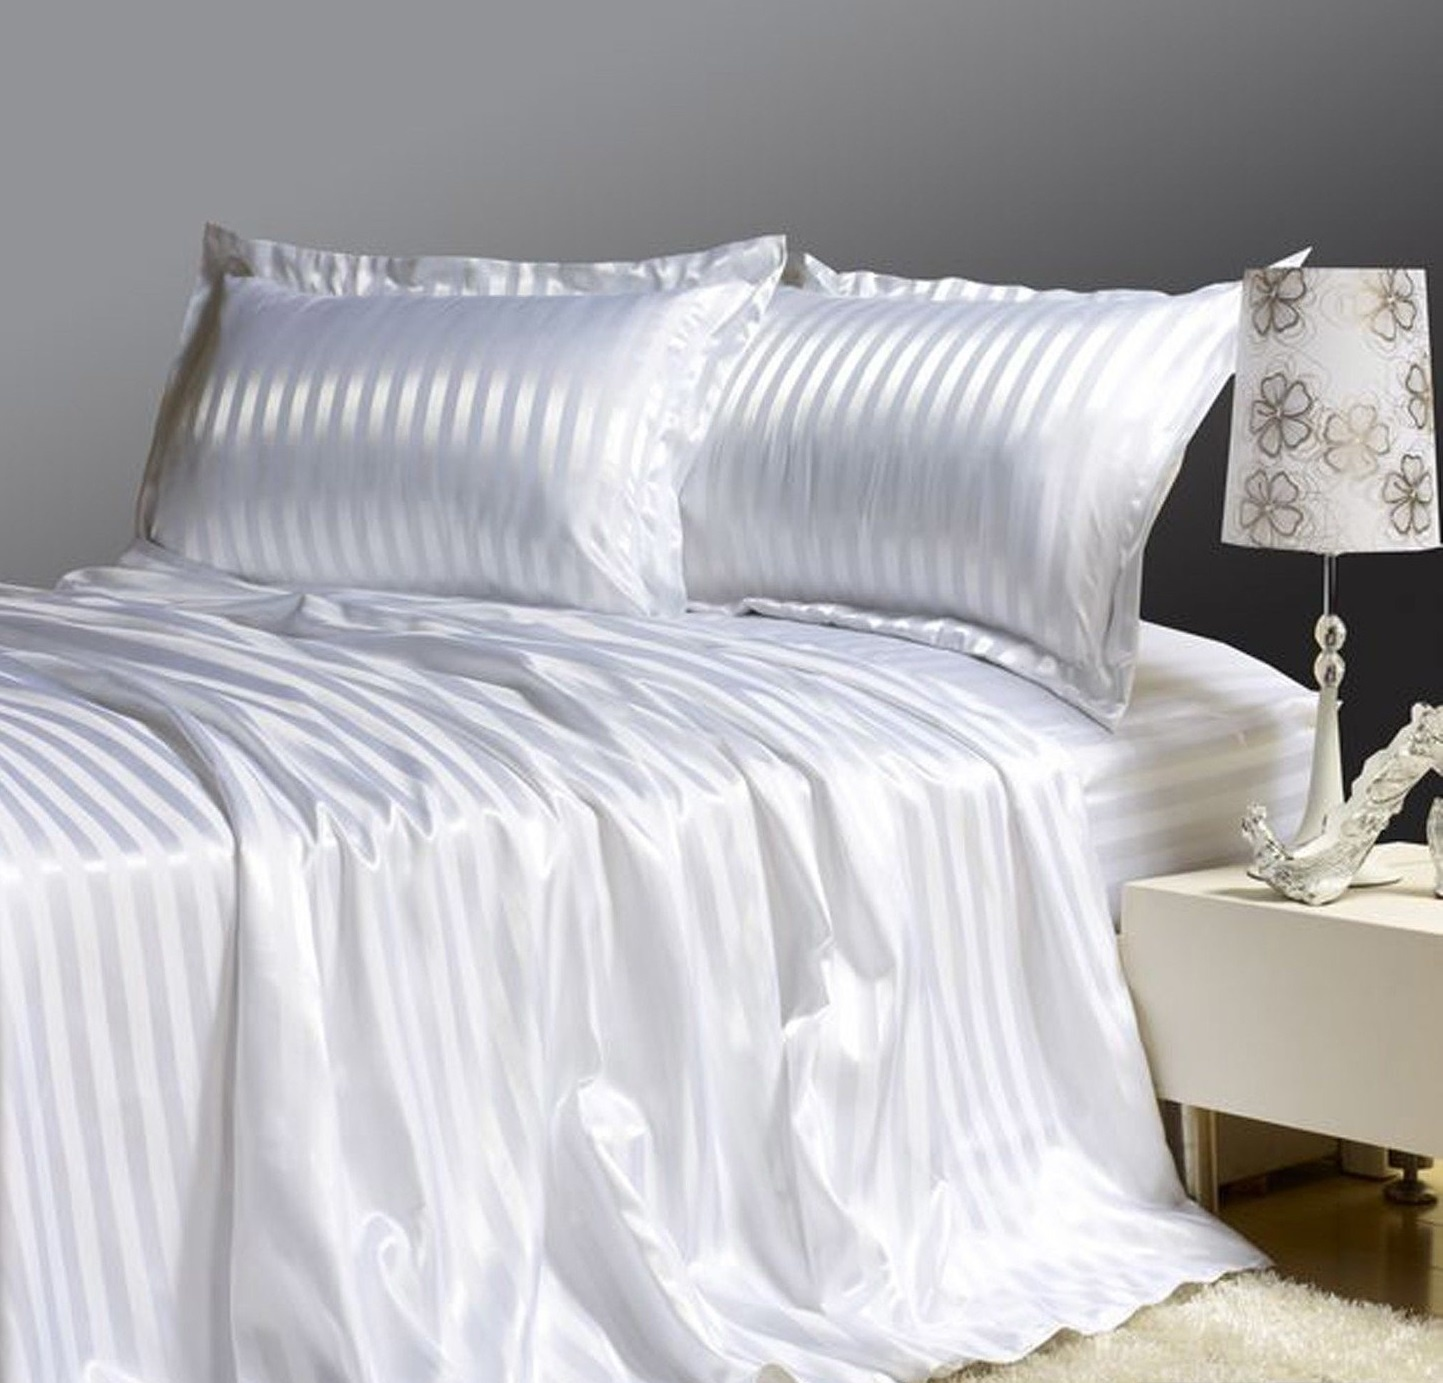 Комплект постельного белья Дом Текстиля SULYAN Совершенство, белый комплект постельного белья ситрейд ac053 e 4 евро наволочки 4 шт